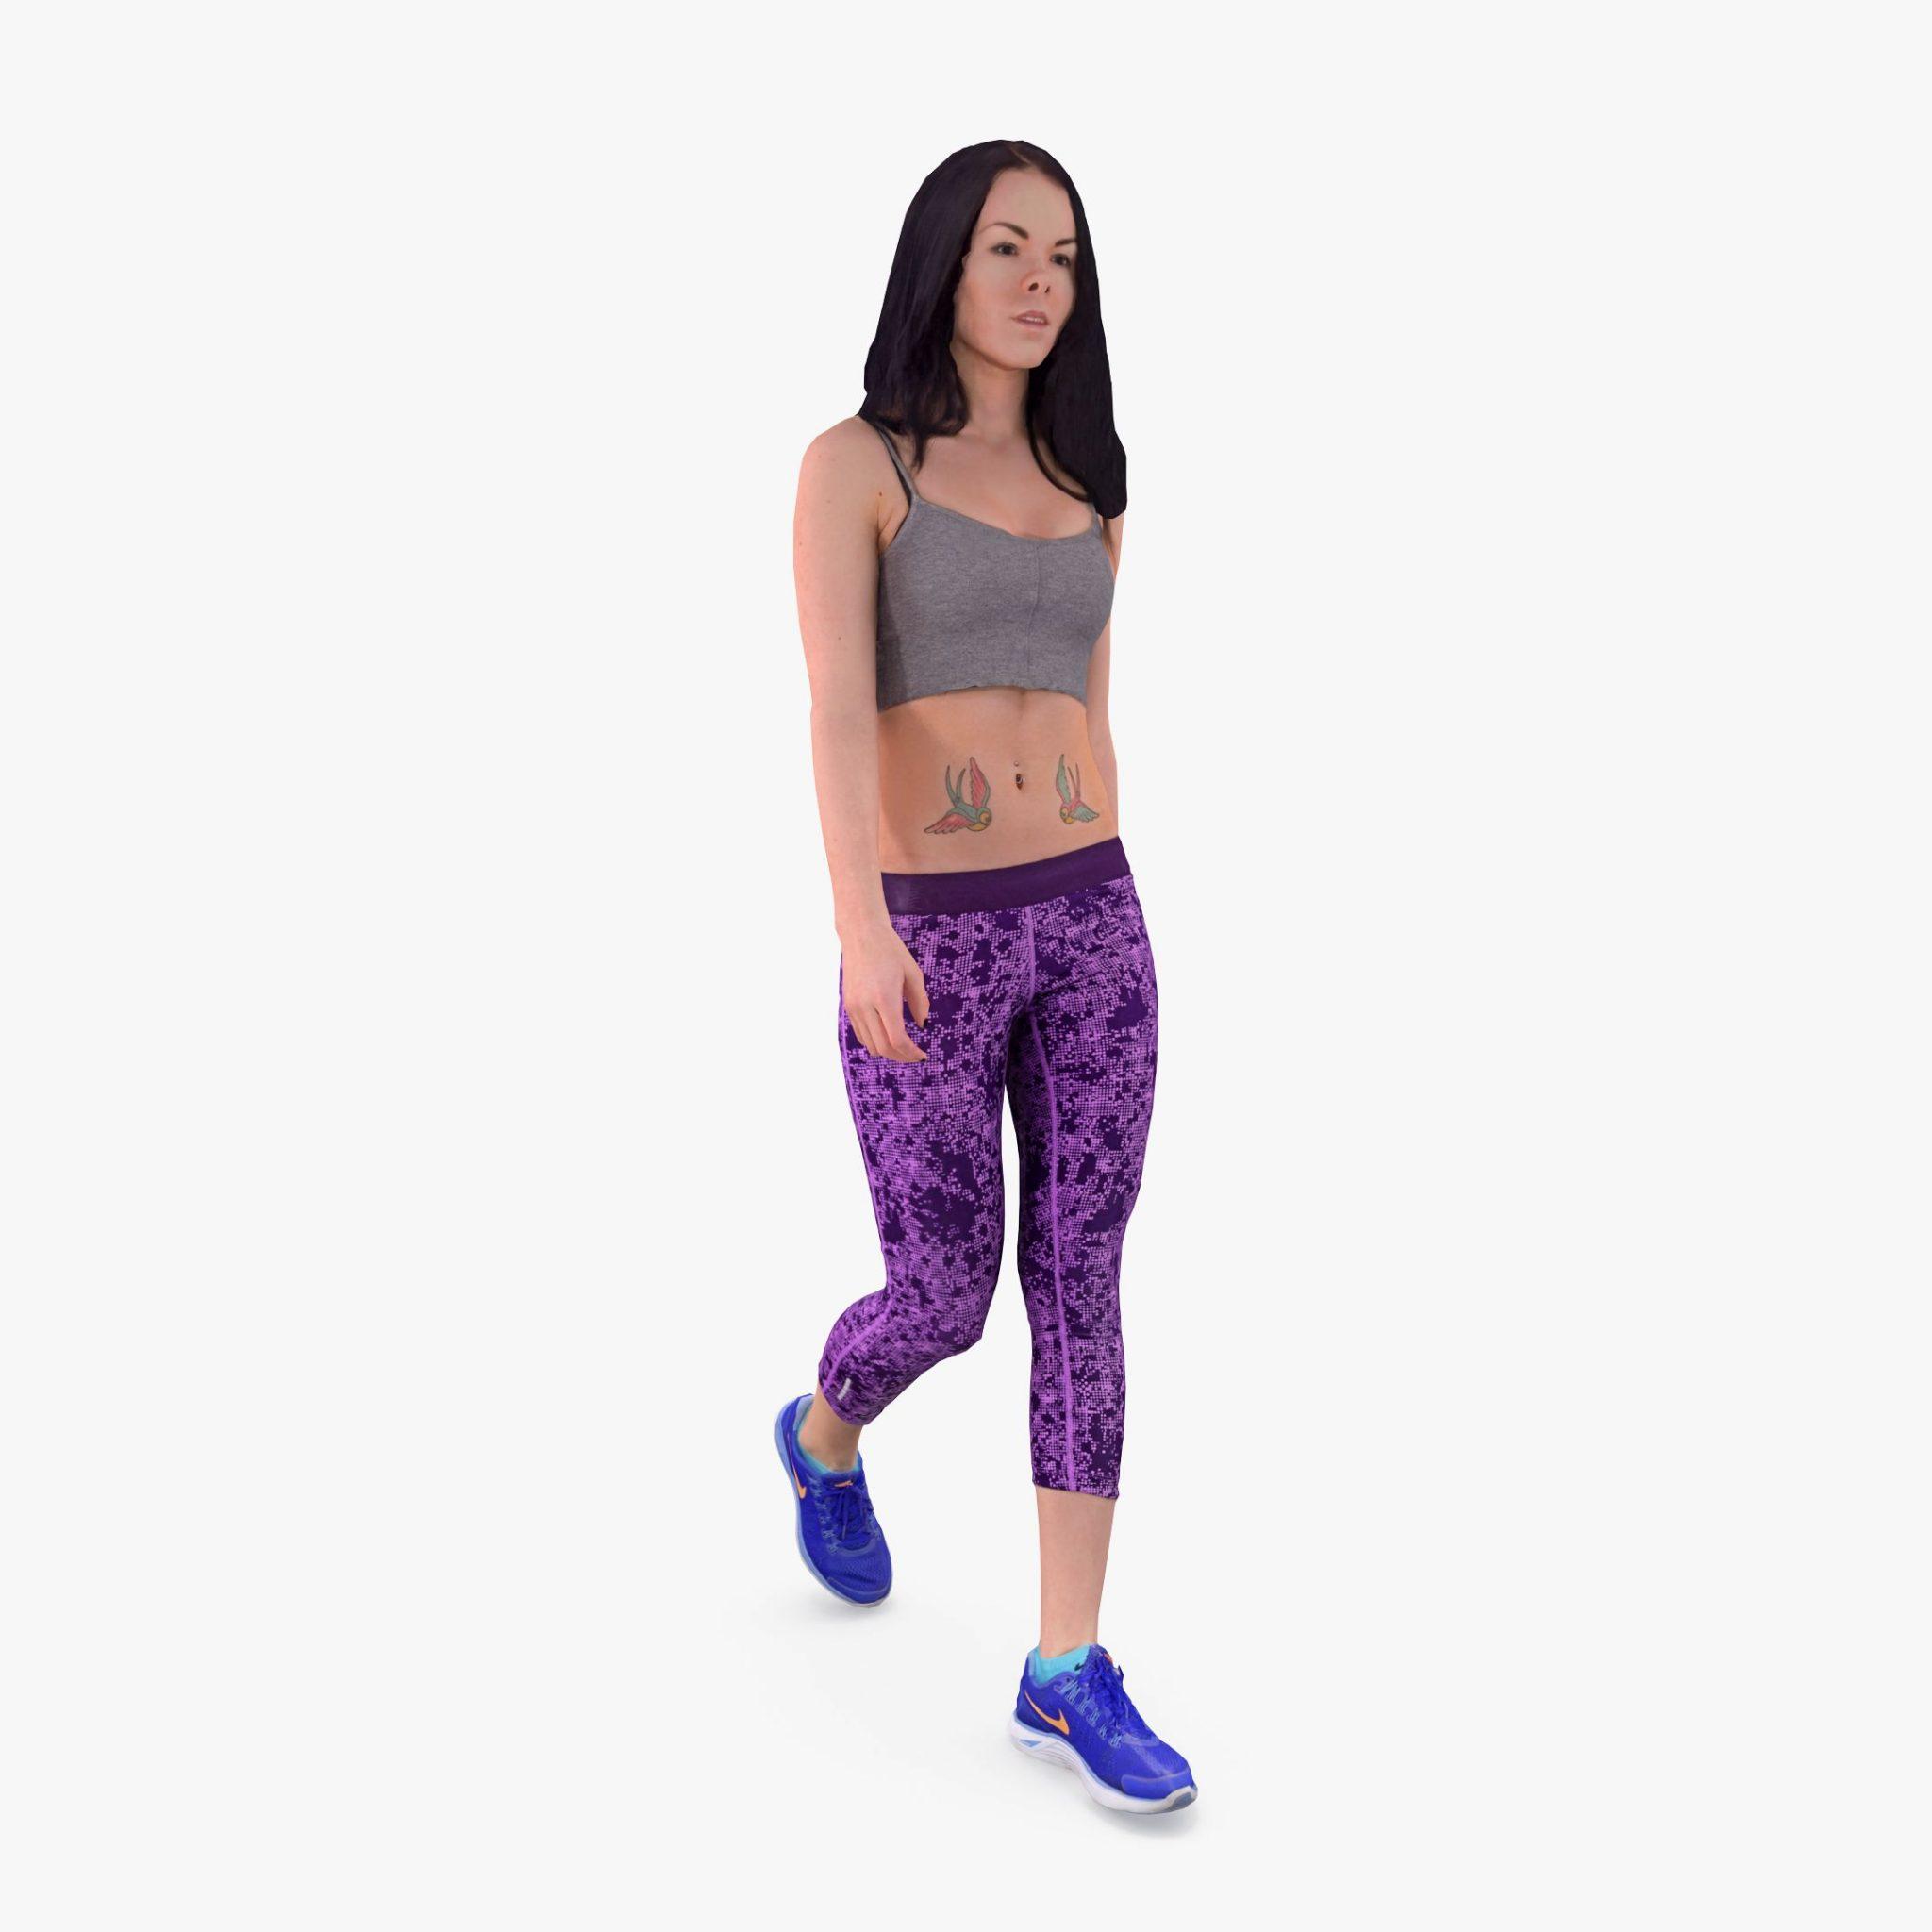 Sport Lady Walking 3D Model | 3DTree Scanning Studio